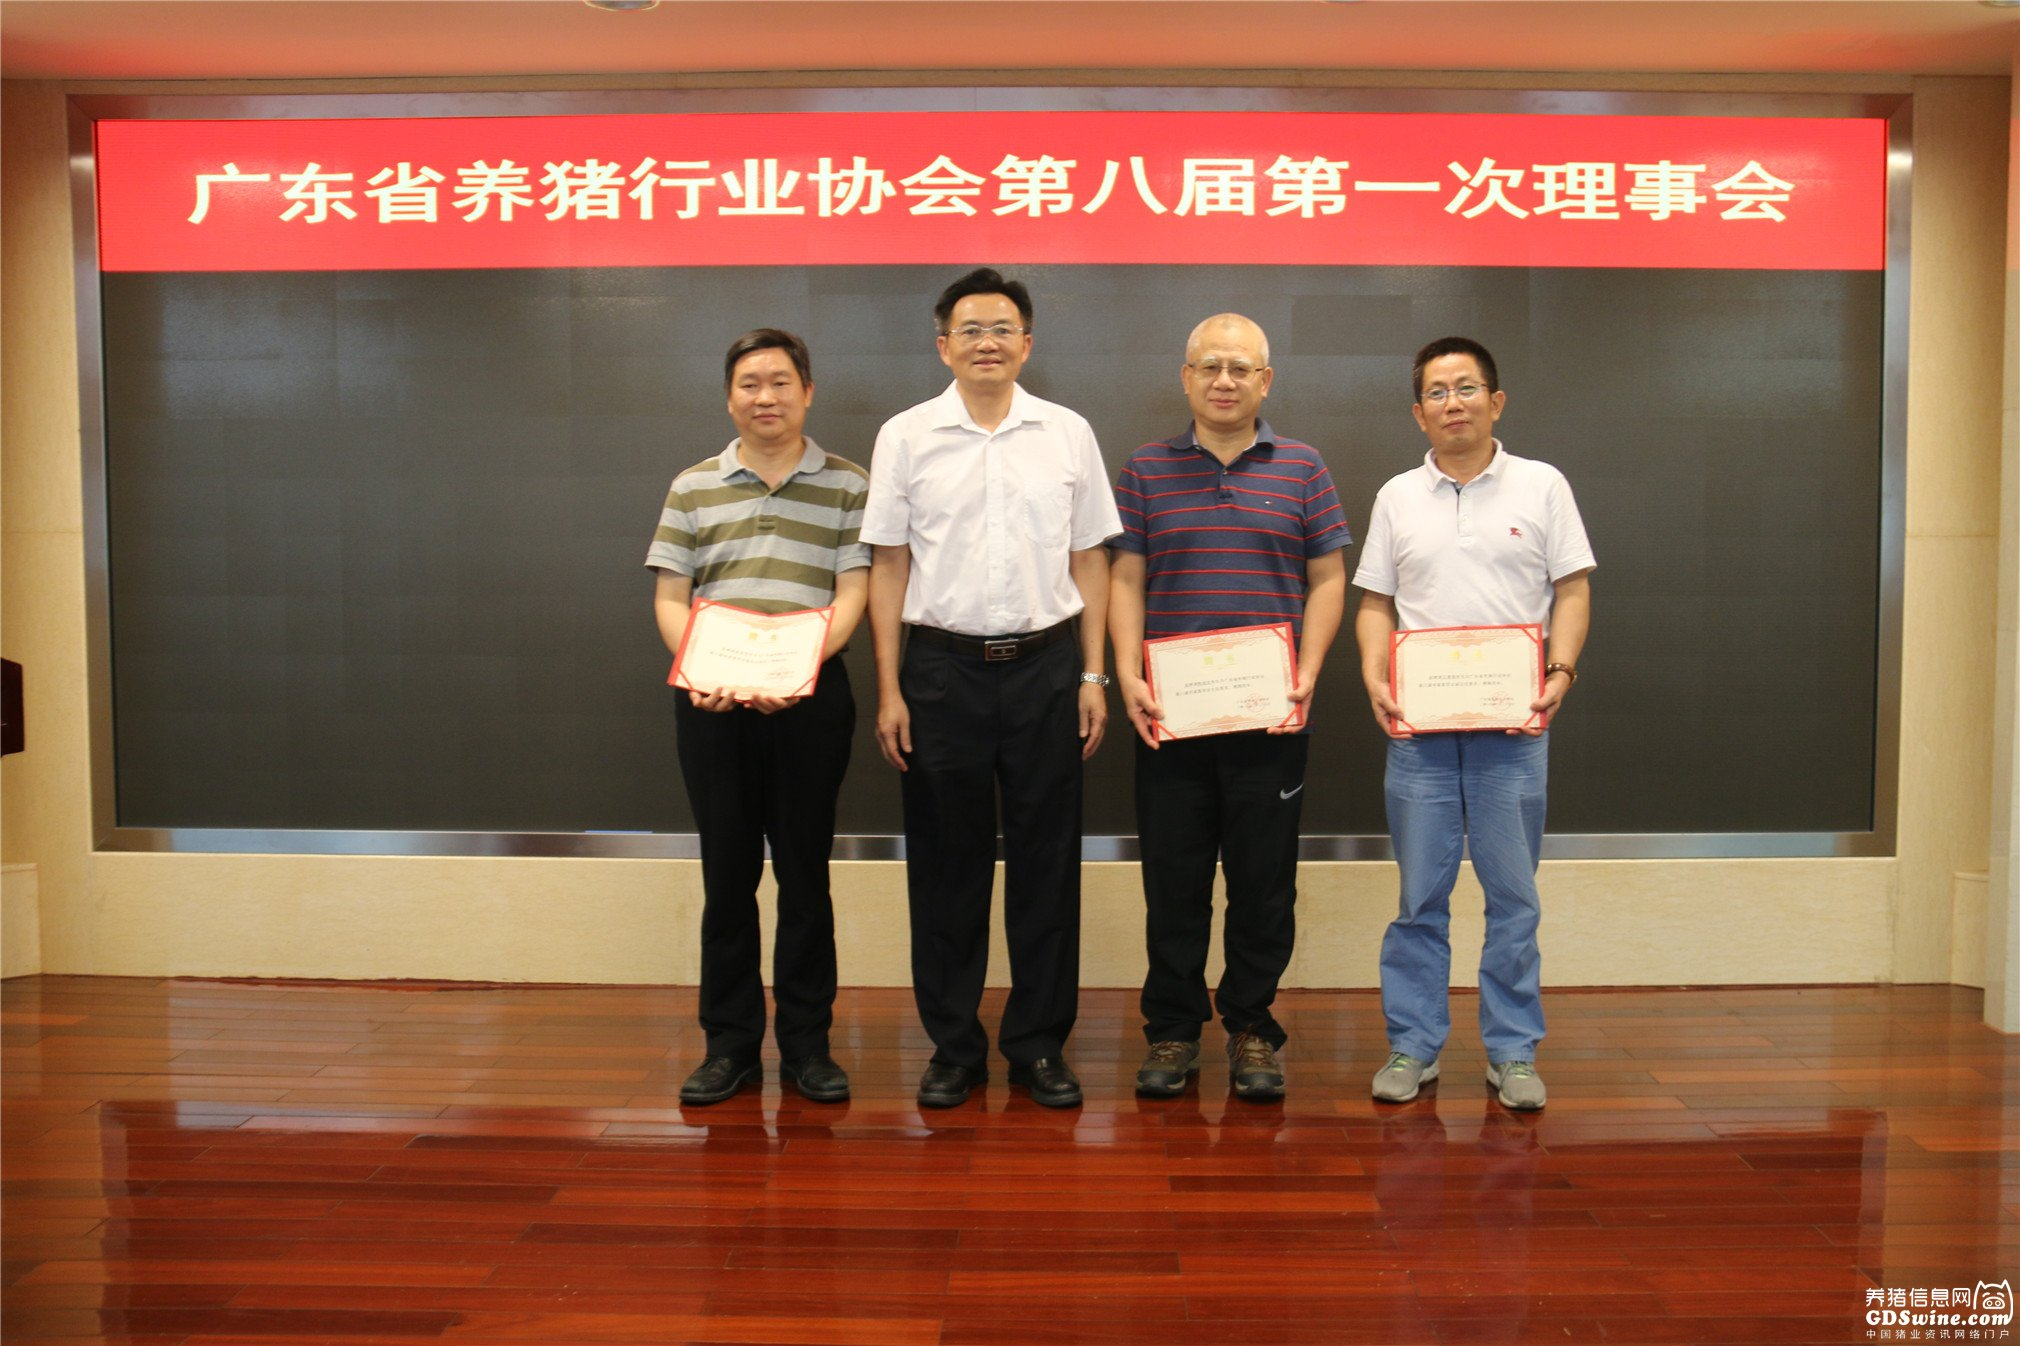 聘任佛山科学技术学院生命科学与工程学院教授马春全等为专家委员会委员。